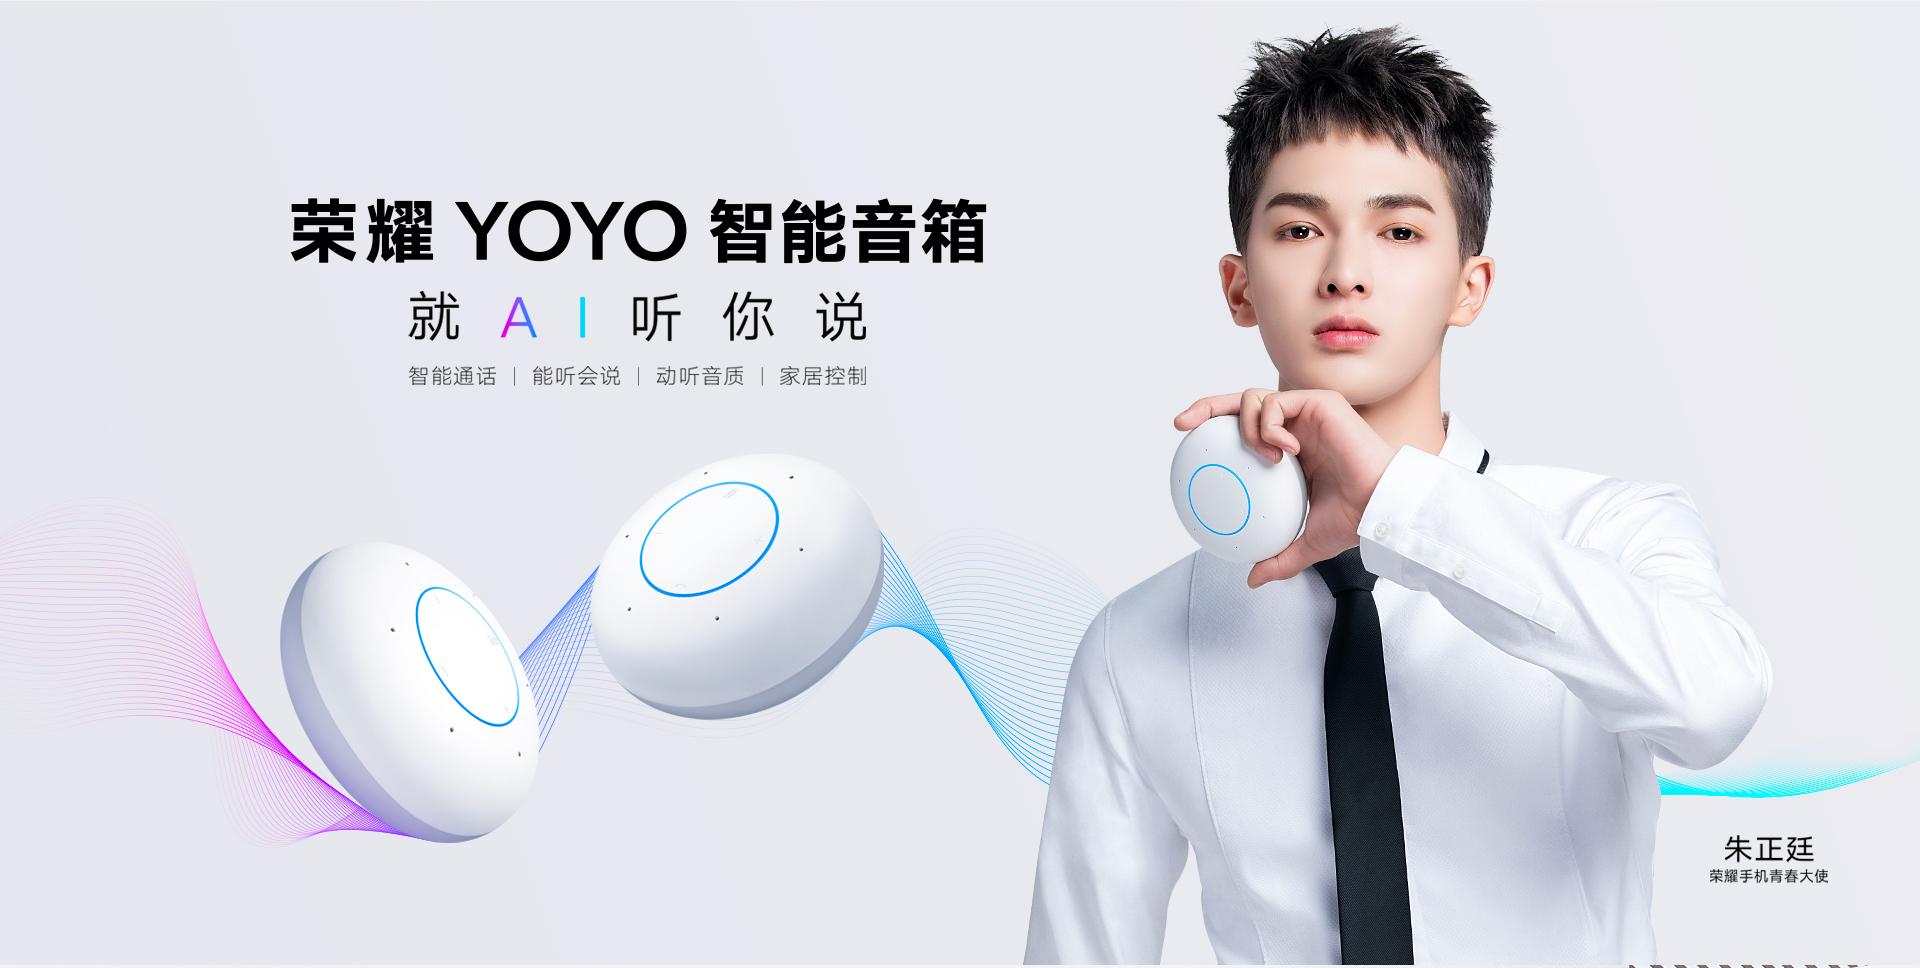 华为荣耀发布YOYO智能音箱:可免费拨打网络电话